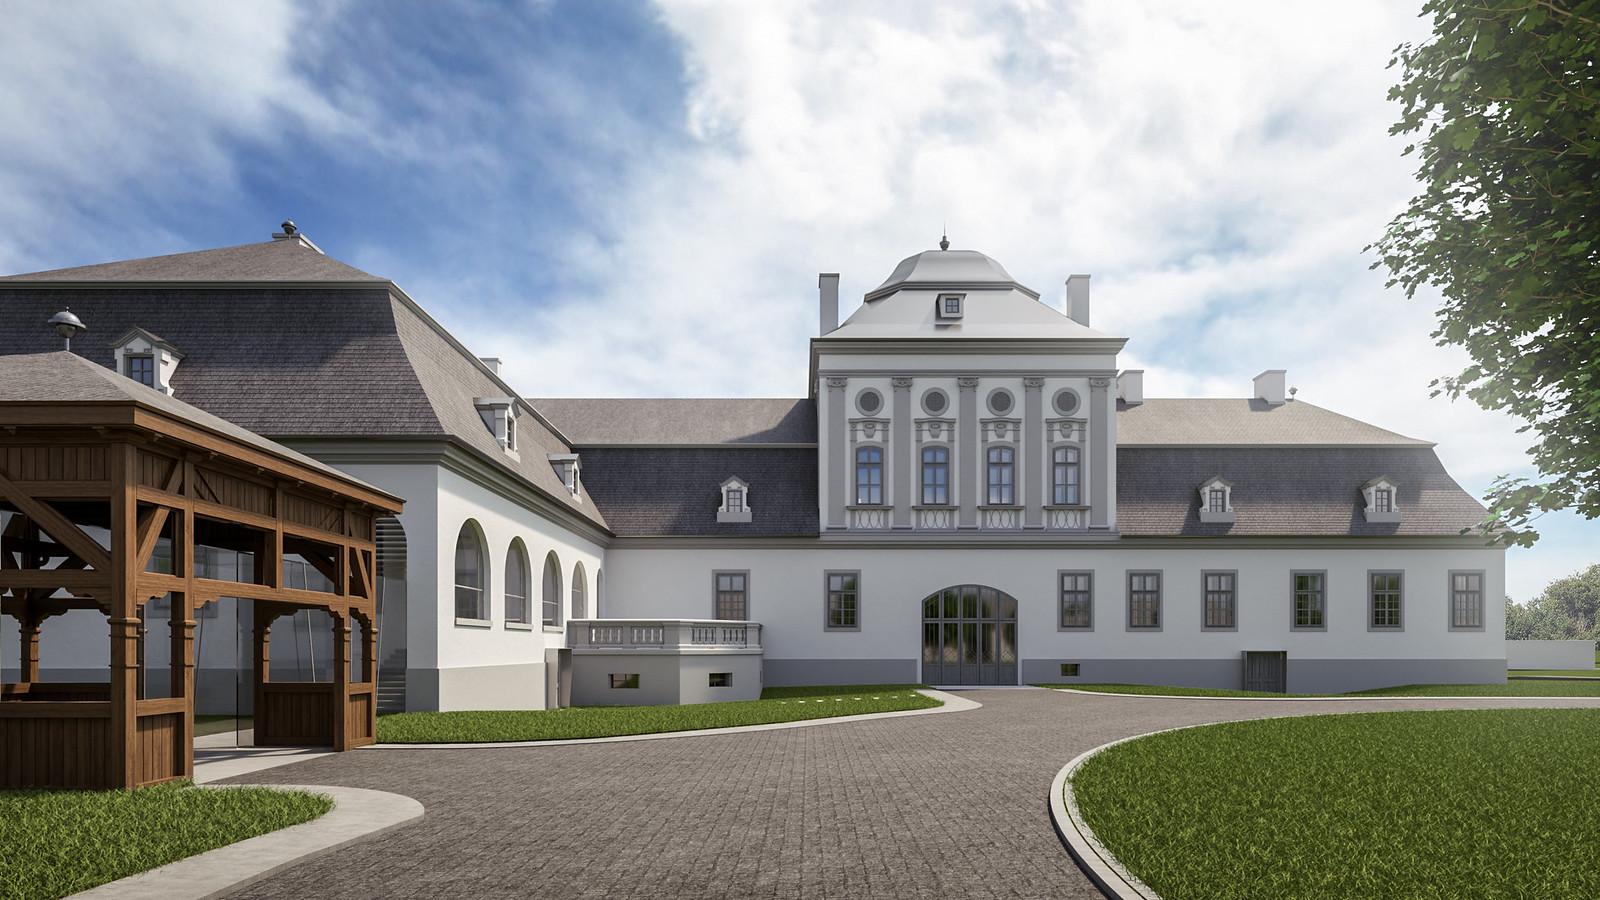 Hétmilliárd forintból újítják fel a geszti Tisza-kastélyt